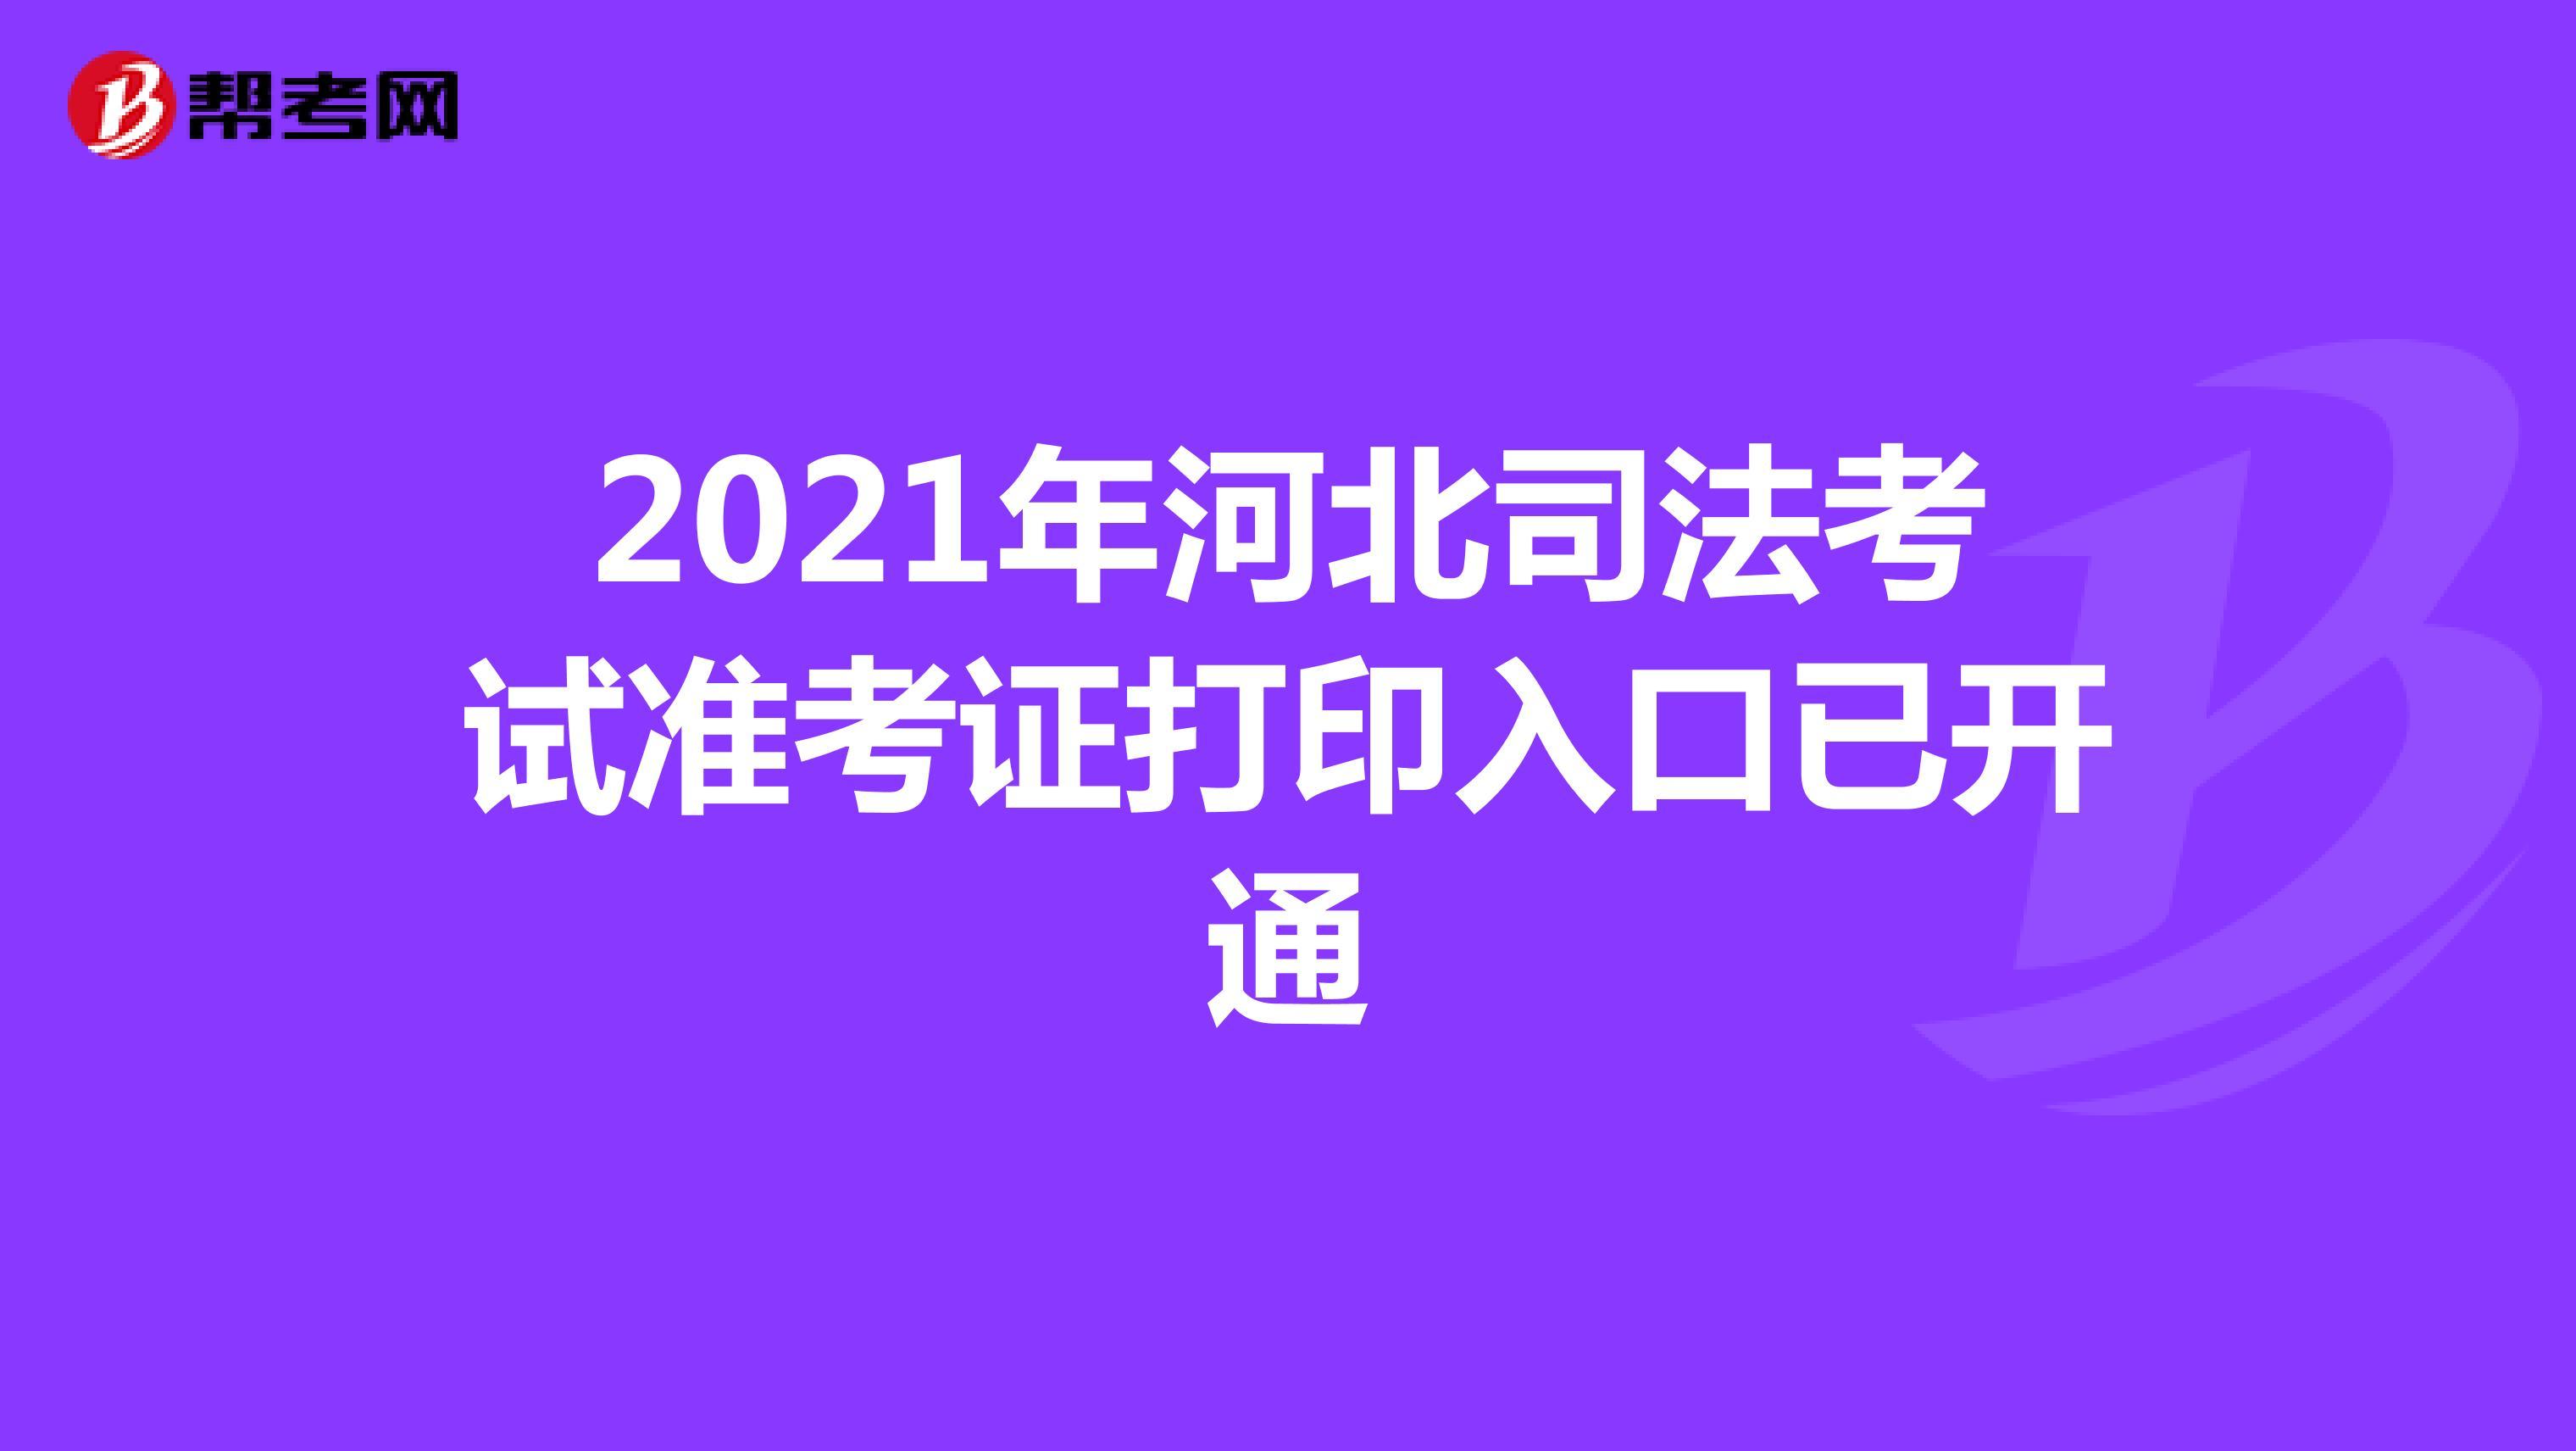 2021年河北司法考试准考证打印入口已开通